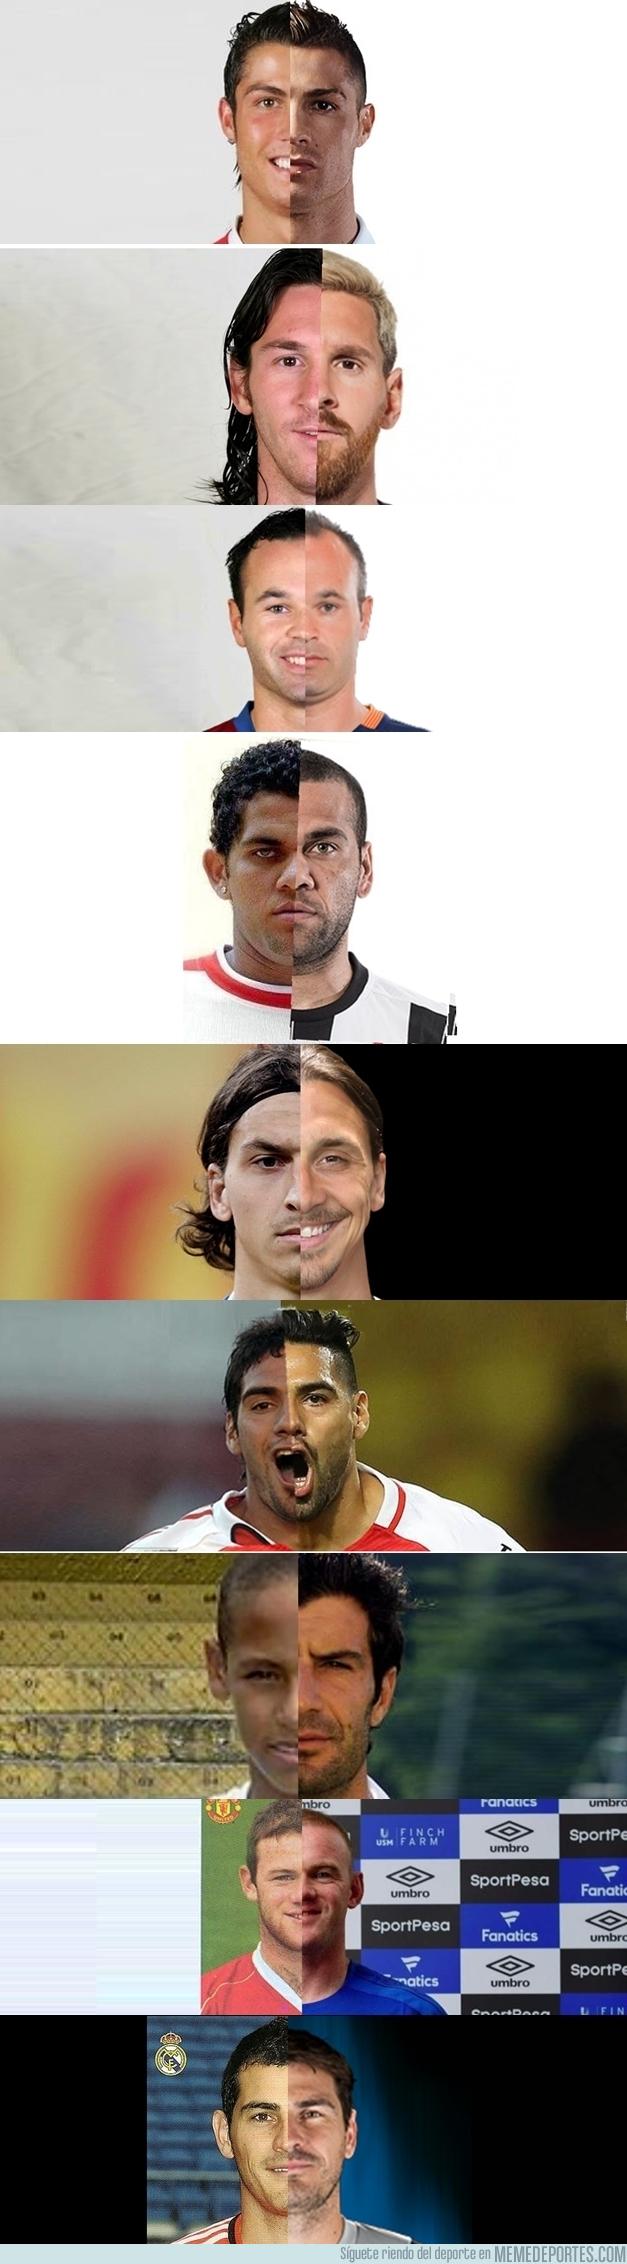 991243 - La evolución del aspecto de algunos jugadores en 10 años